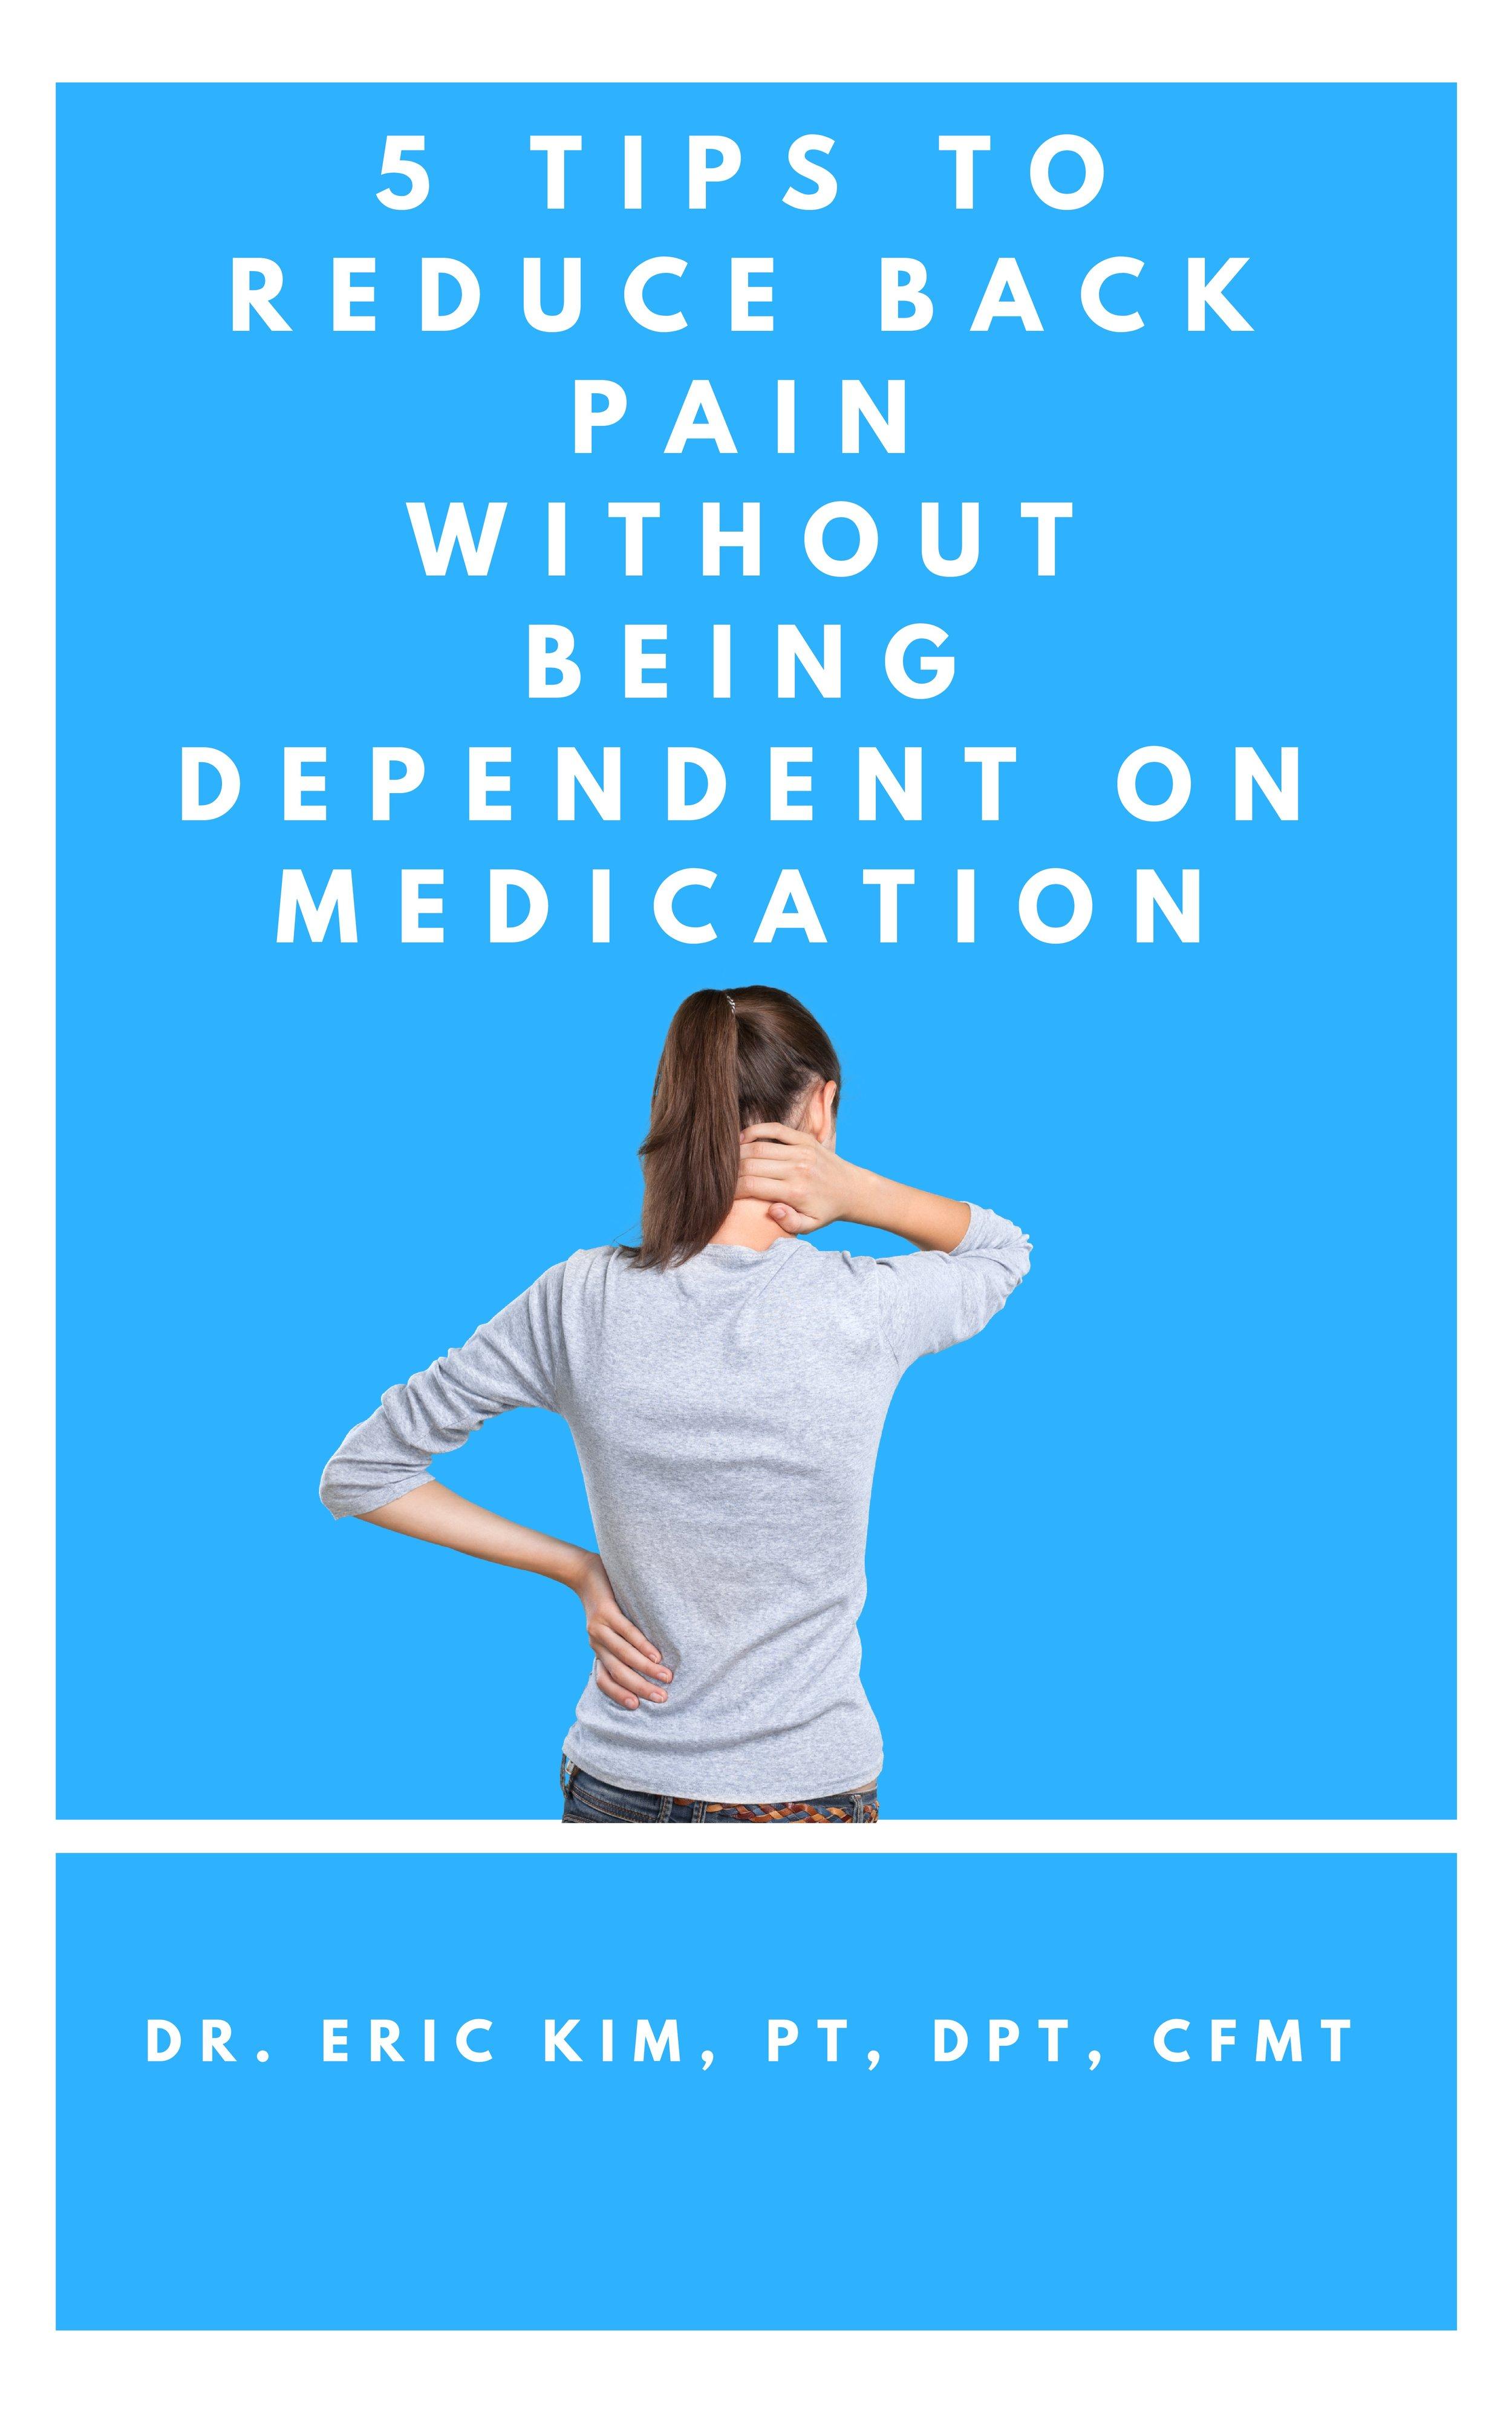 Back pain guide jpg.jpg